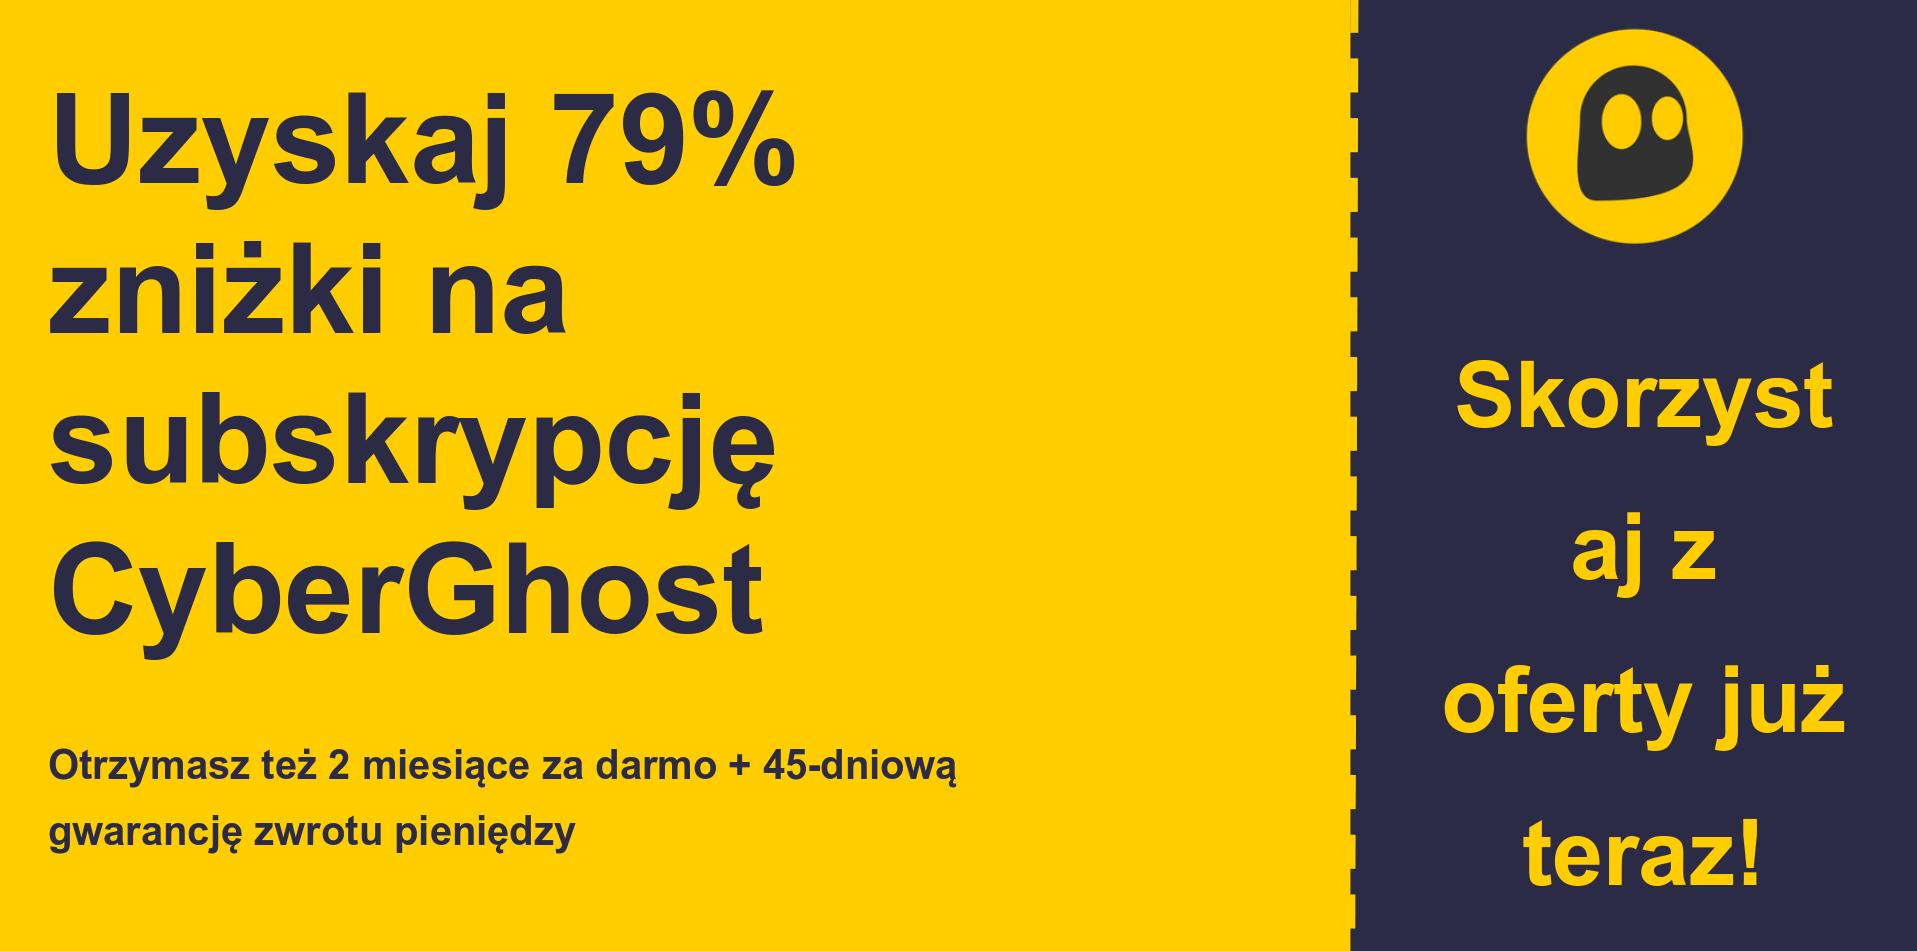 grafika banera głównego kuponu CyberGhostVPN przedstawiająca 79% zniżki